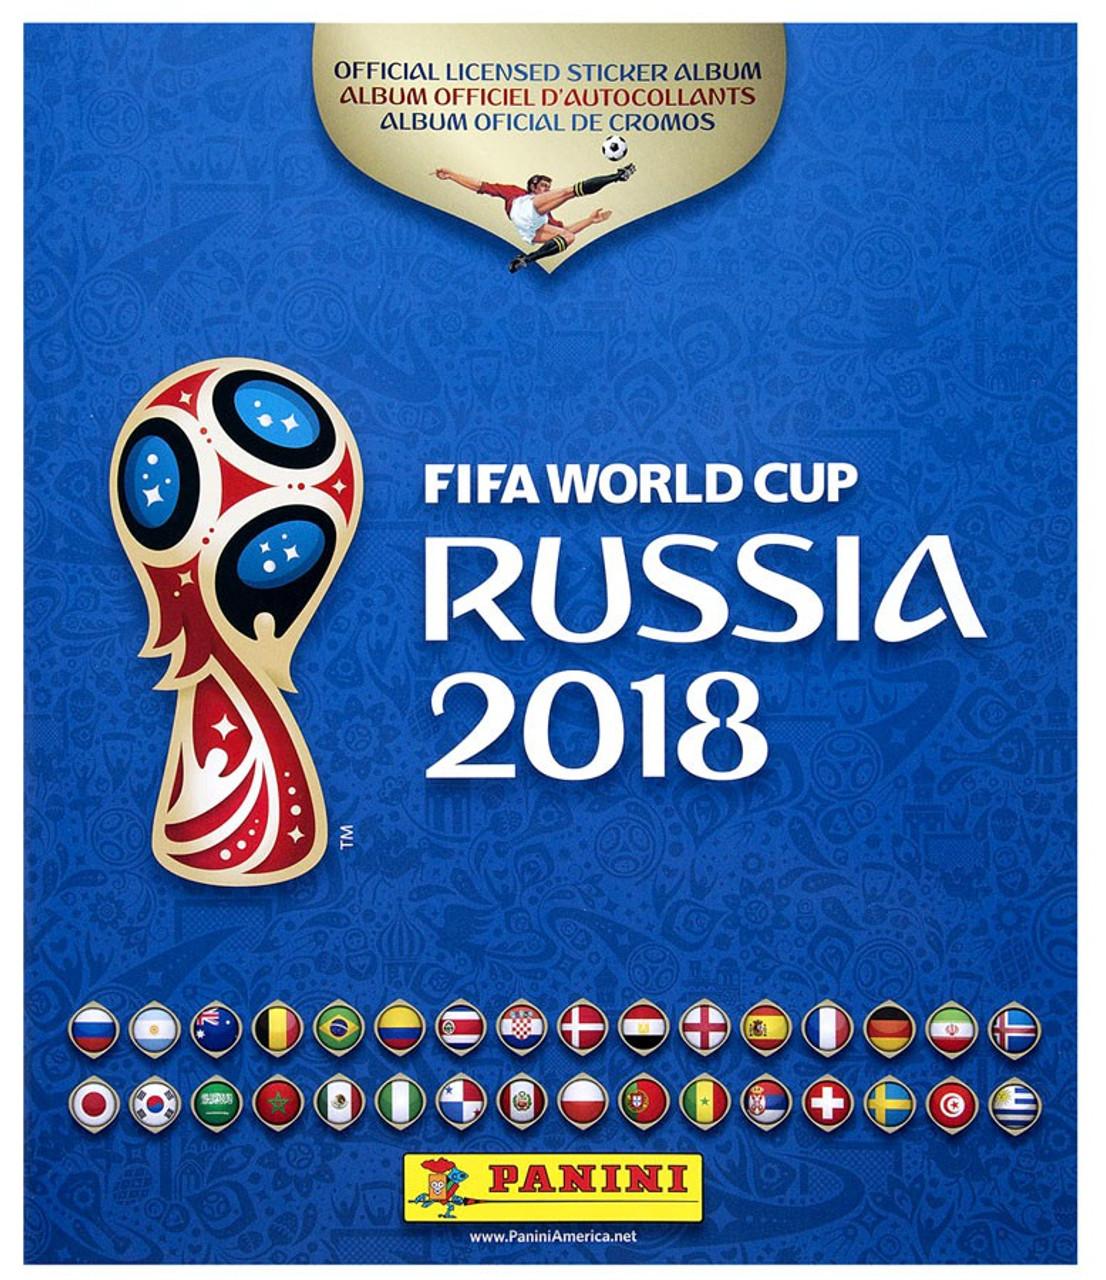 0ef908e9d FIFA World Cup 2018 Soccer Russia Sticker Album Panini - ToyWiz